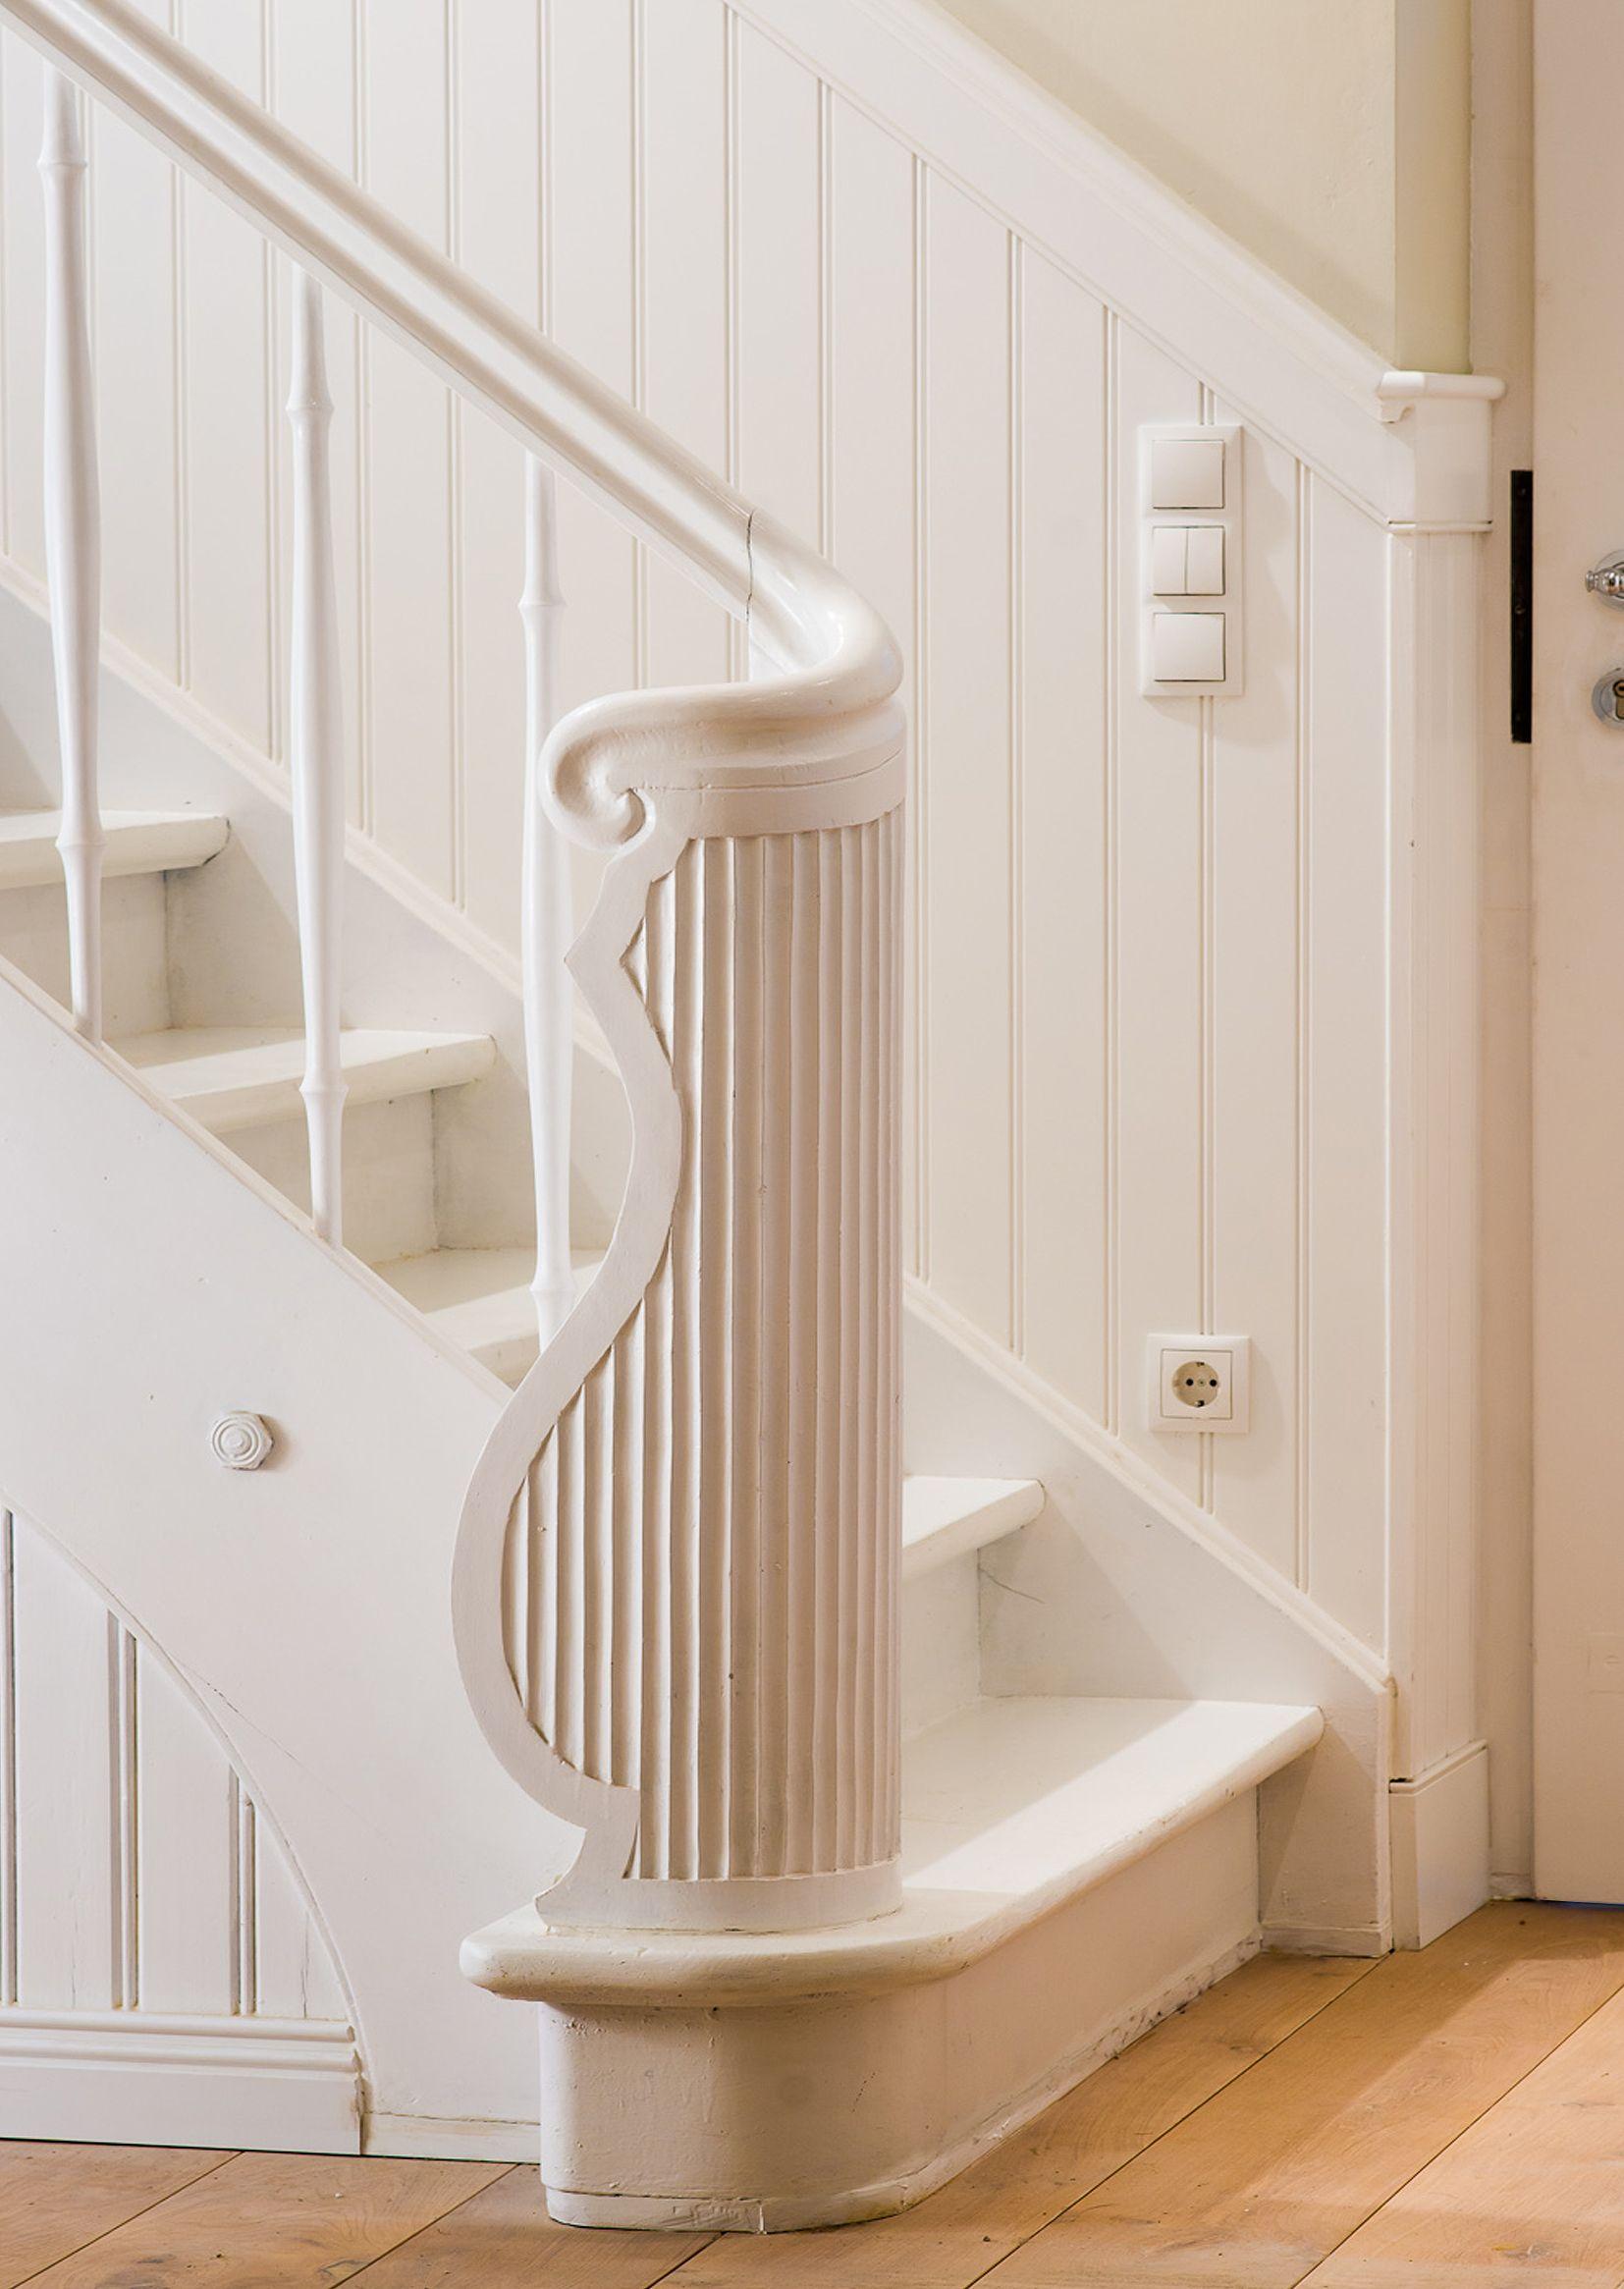 Vor und nach der renovierung des hauses wandgestaltung mit holzpaneelen usa landhaus schwedenhaus